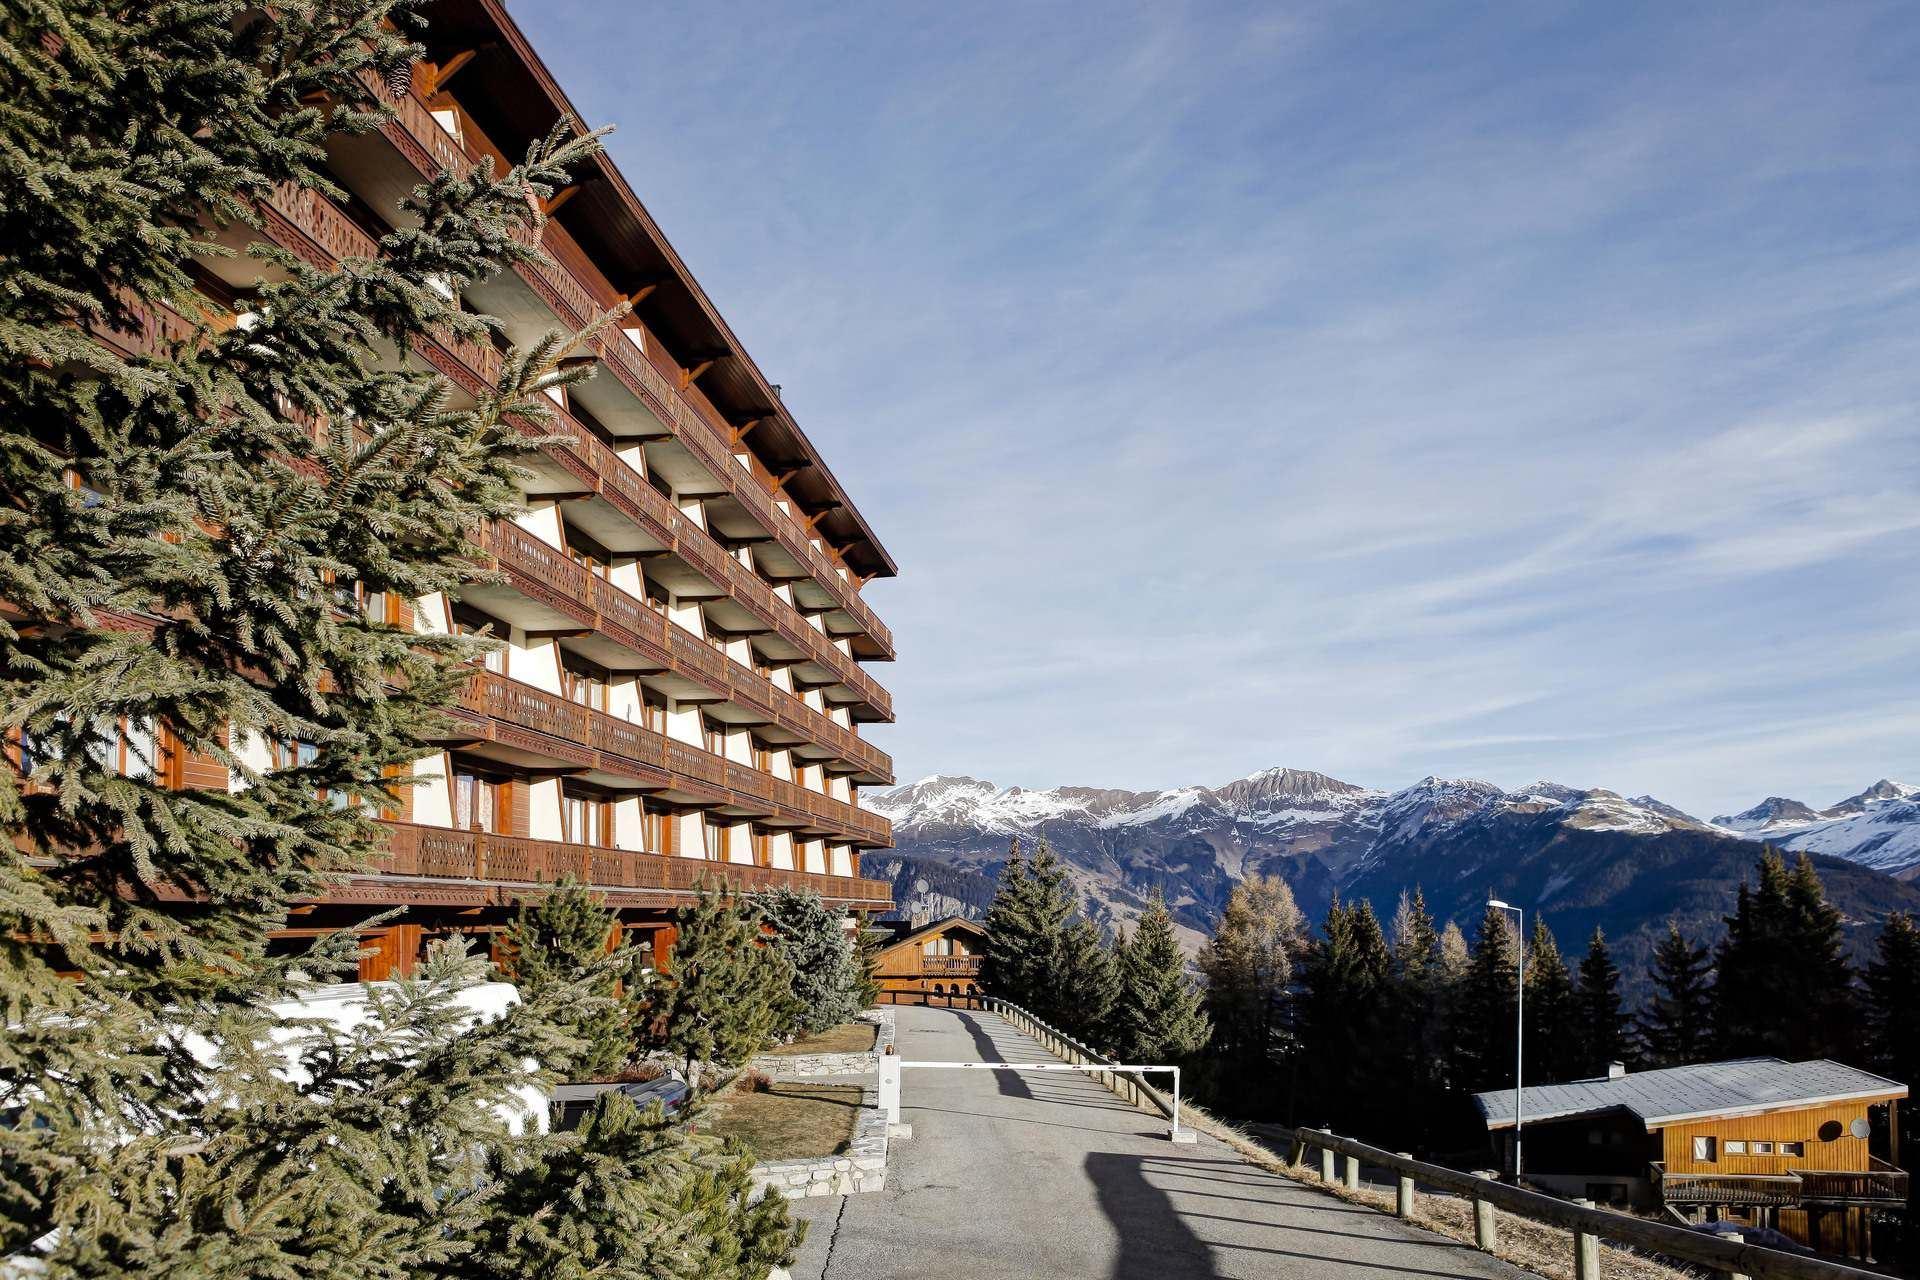 3 pièces 6 personnes skis aux pieds / SOLEIL LEVANT B77/78 (Montagne)